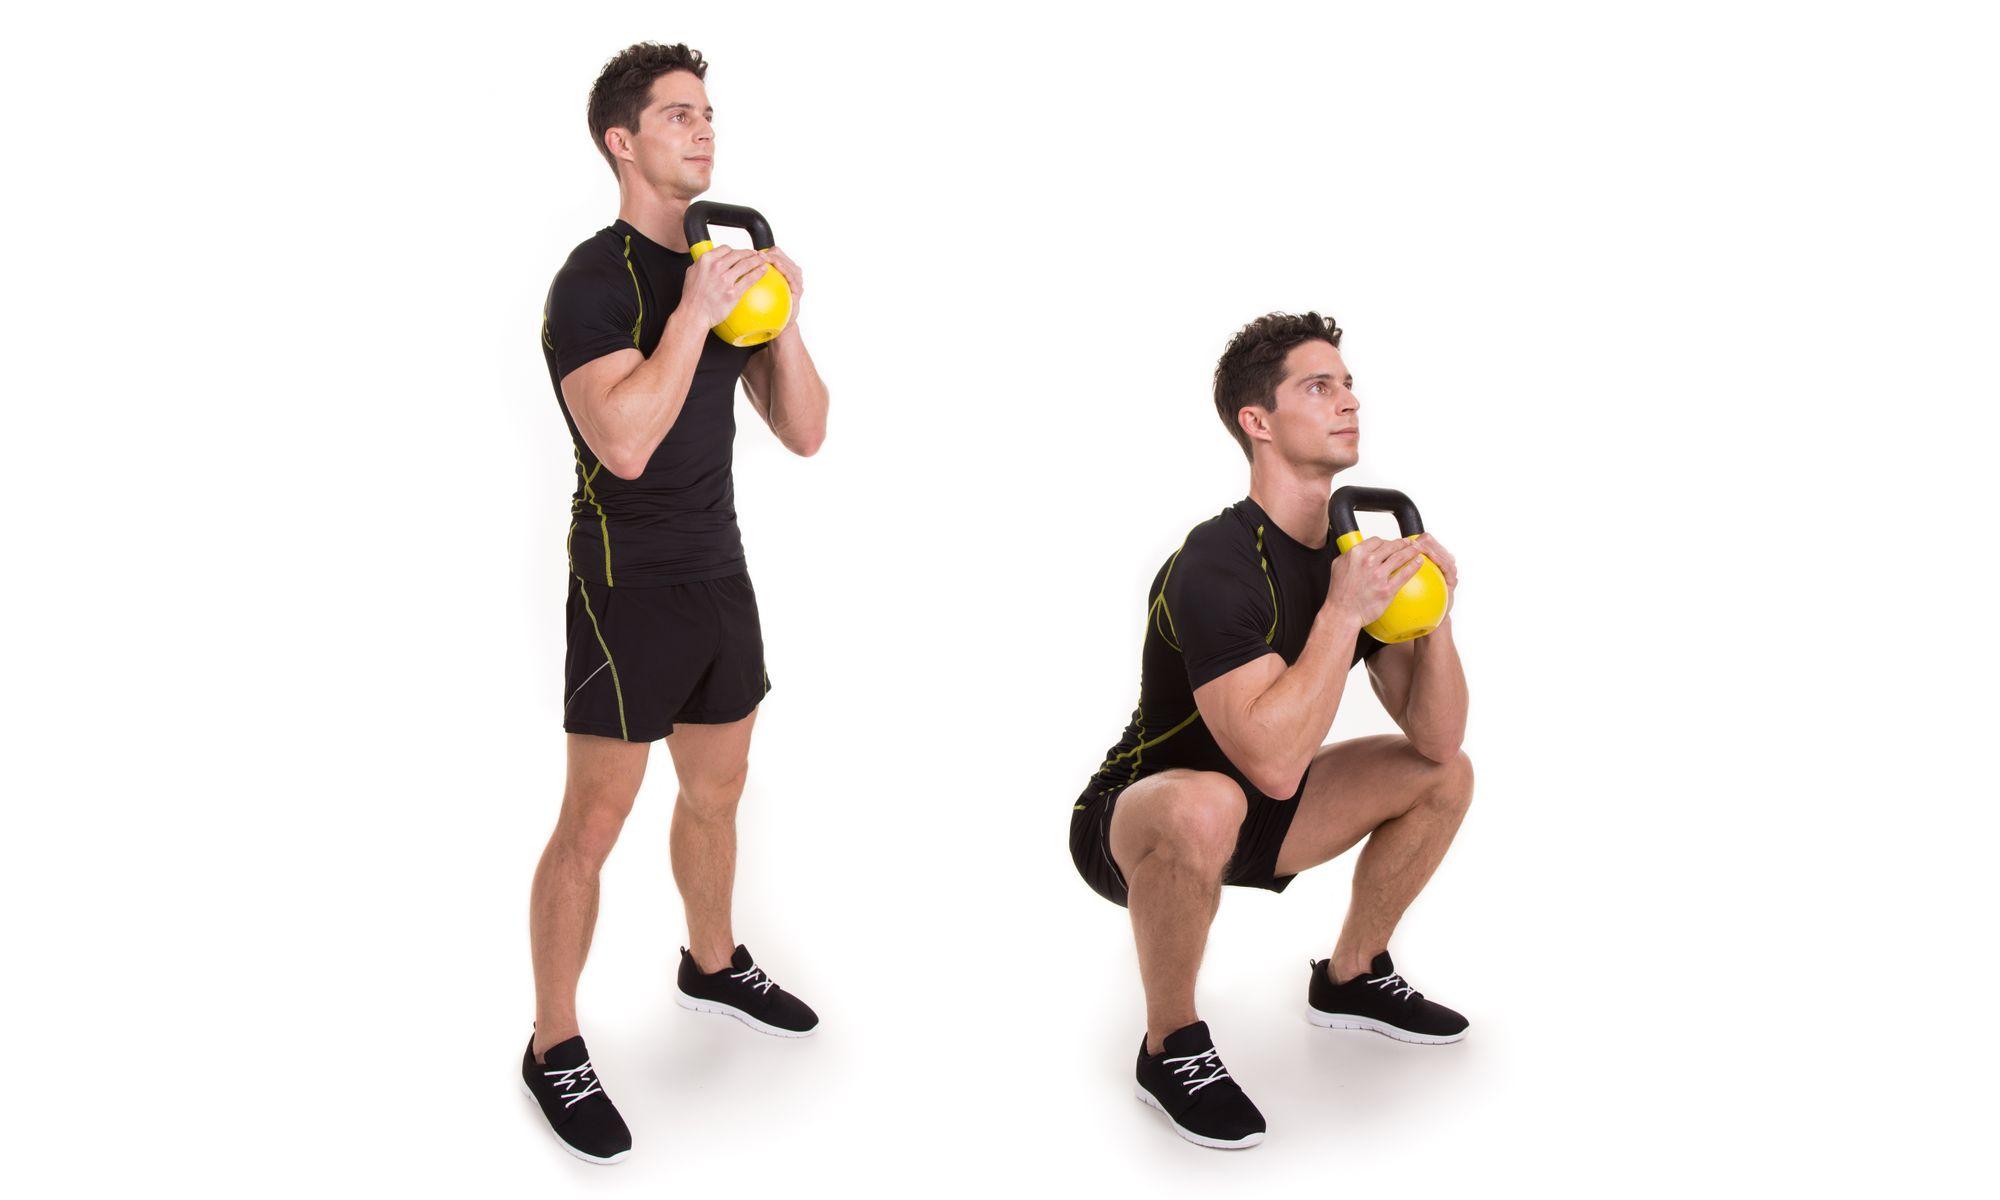 Гоблет приседания: техника выполнения с гирей и польза упражнения